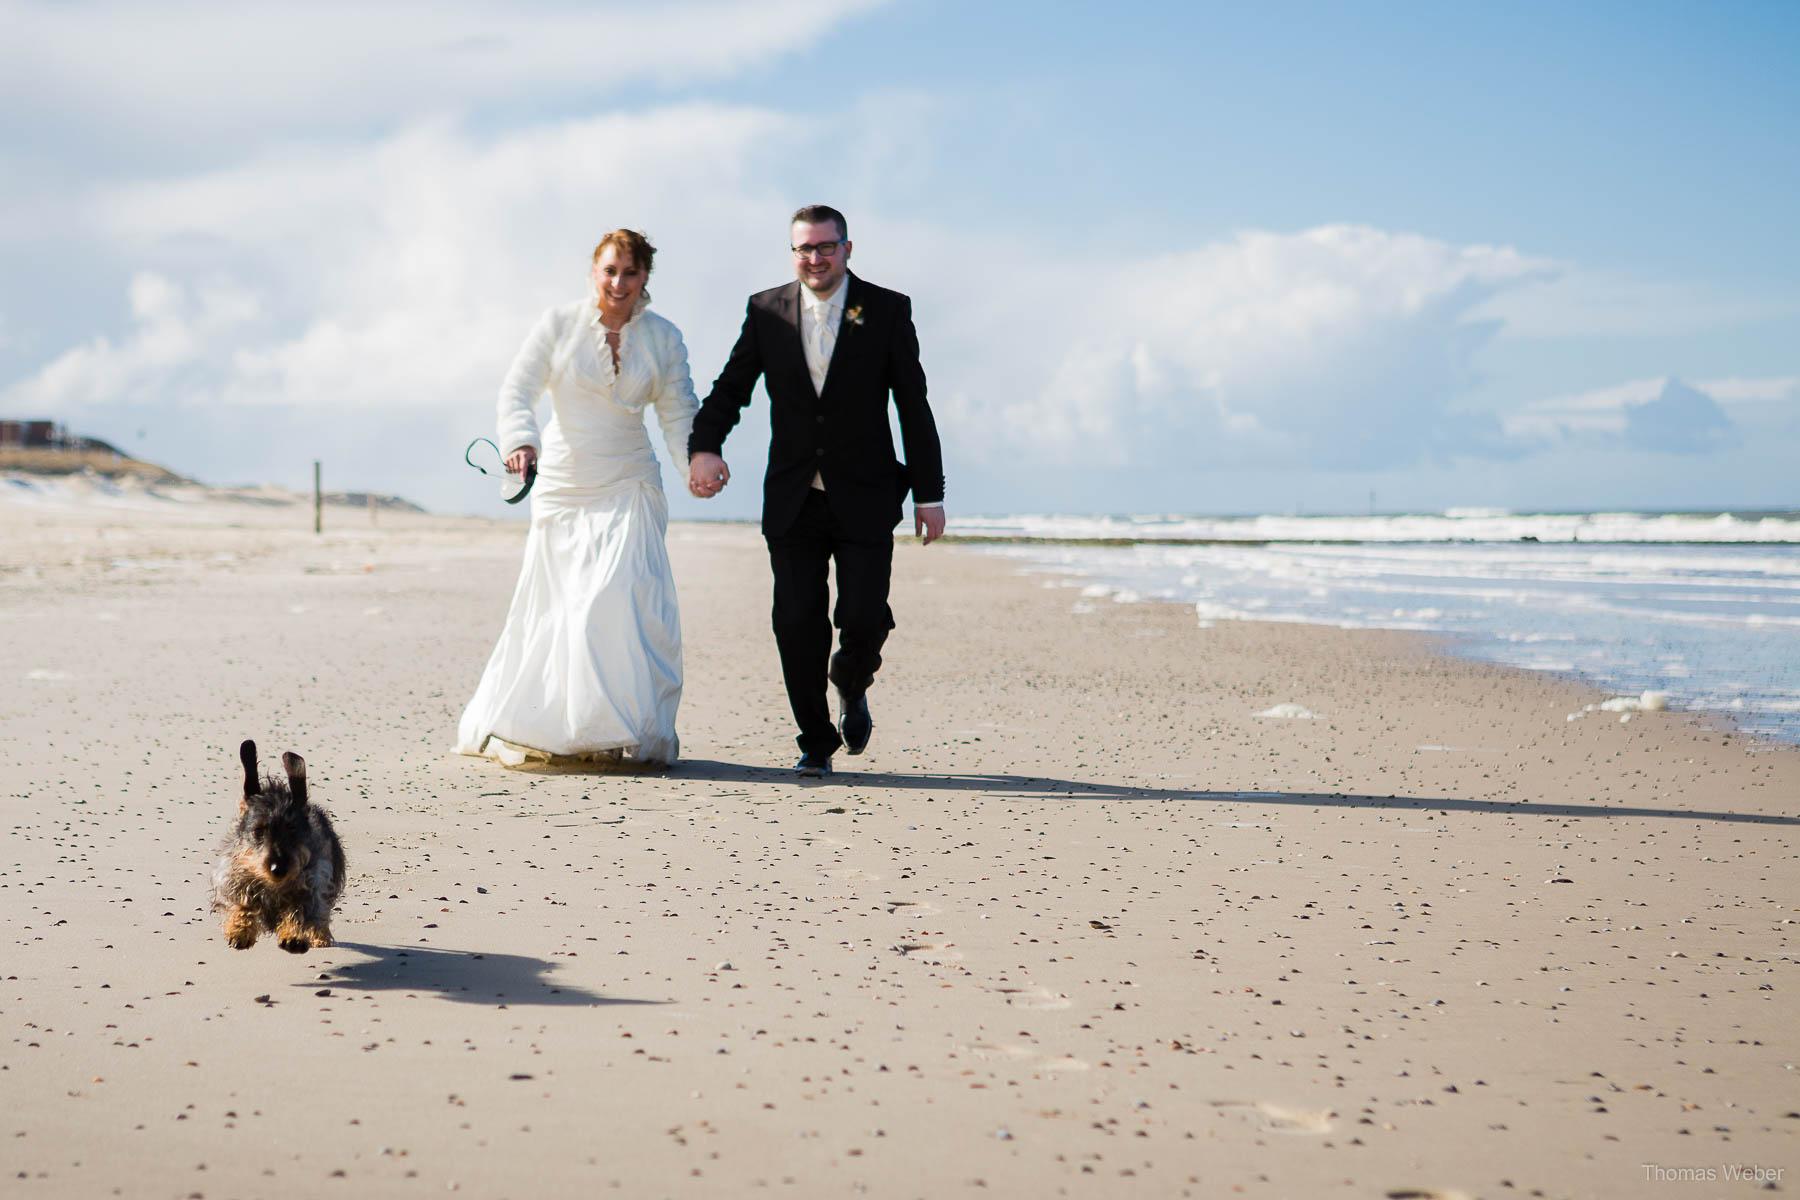 Hochzeitsfotograf Ostfriesland für schöne Hochzeitsfotos auf der Nordseeinsel Borkum, Heiraten auf Borkum